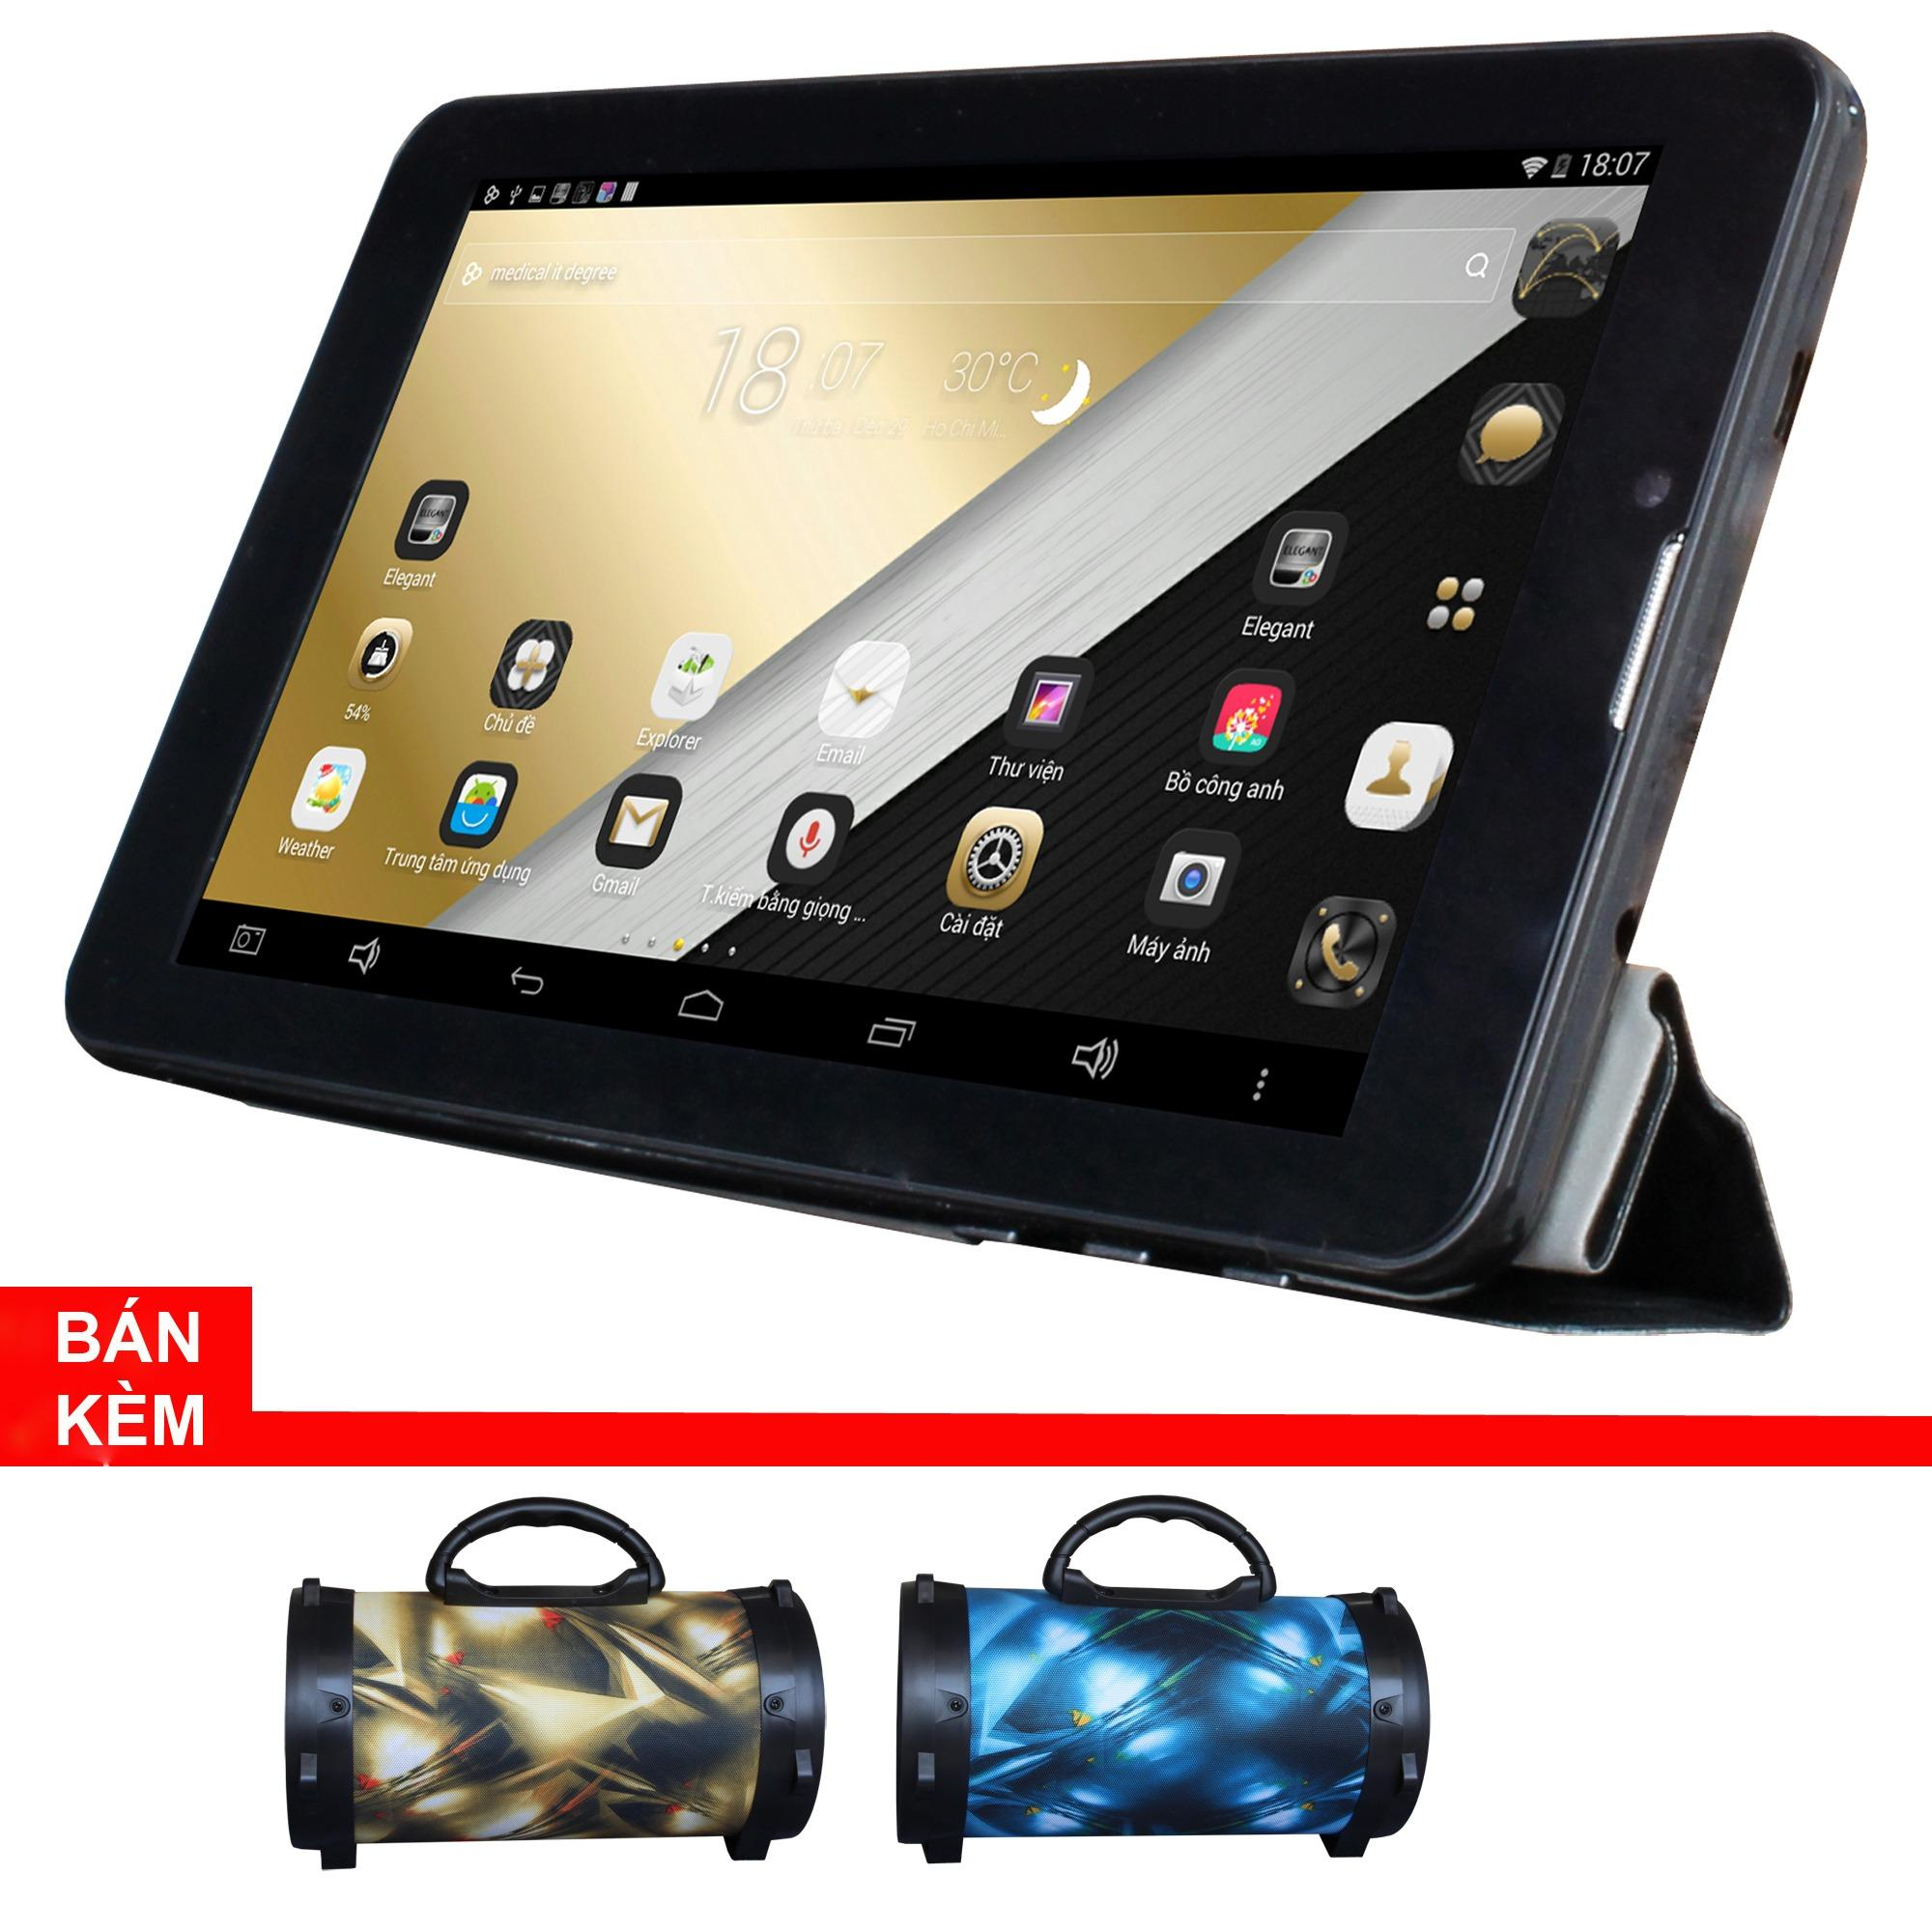 Máy tính bảng cutePad Tab 4 M7047 wifi/3G(Đen) + Loa di động bluetooth cutePAD BS383 ngẫu nhiên-Hãng Phân phối chính...